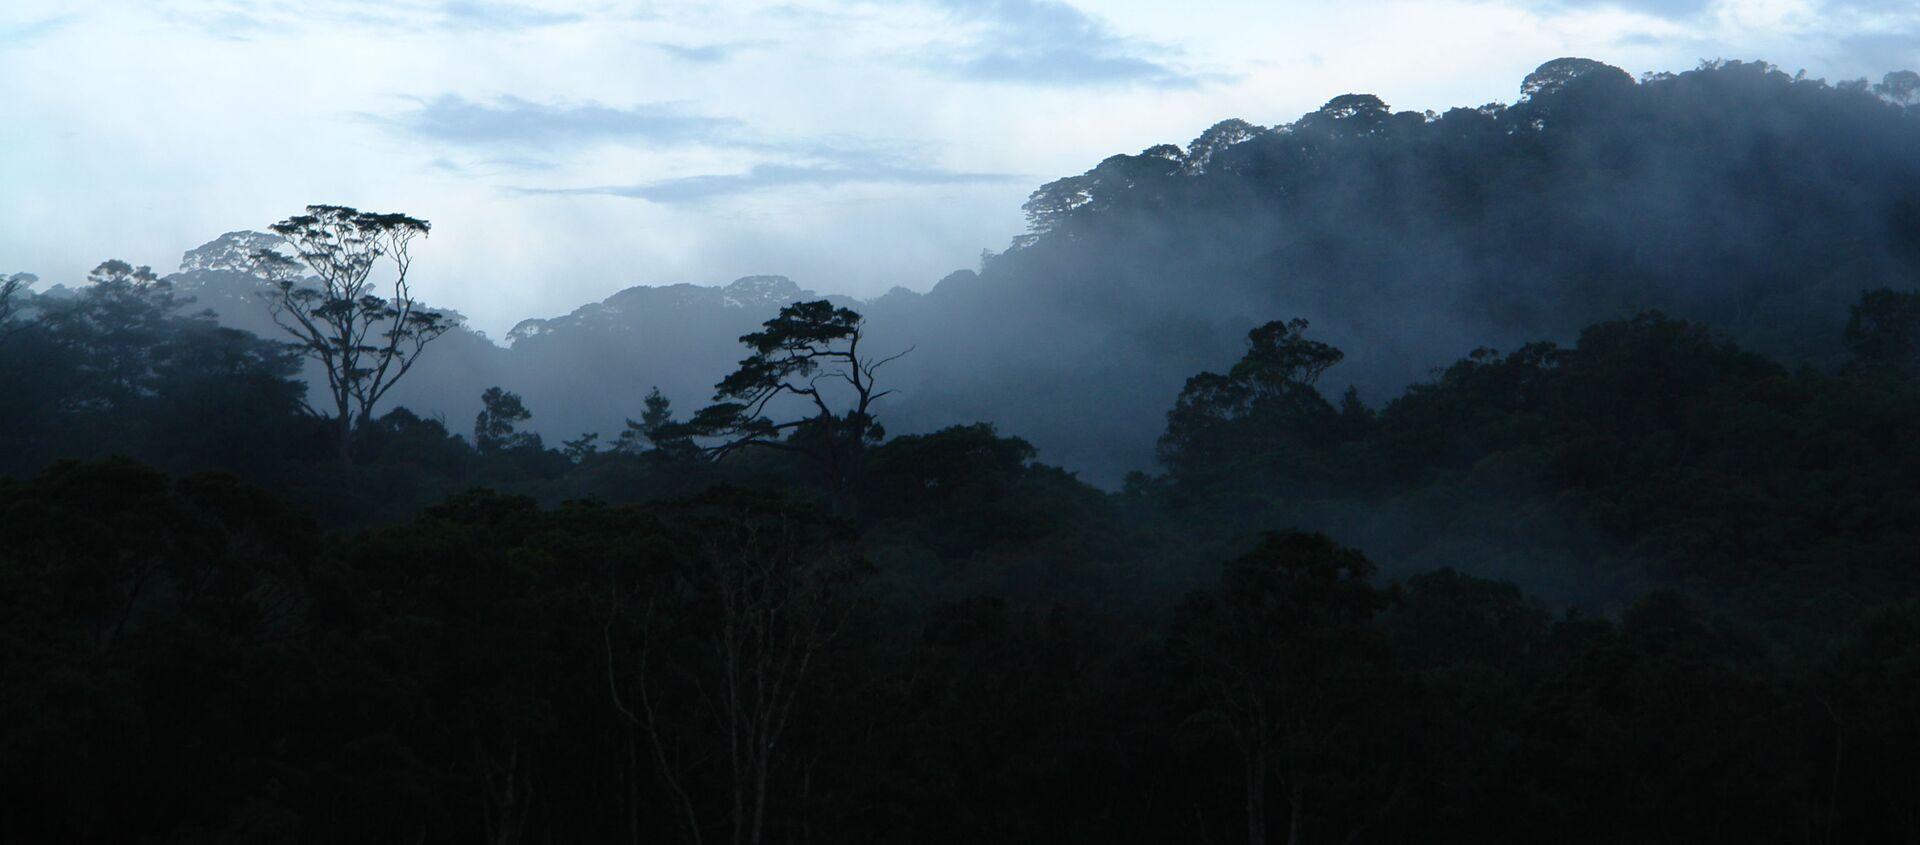 khu rừng cận nhiệt đới trên cao nguyên Langbian (miền Nam Việt Nam)  - Sputnik Việt Nam, 1920, 14.04.2021